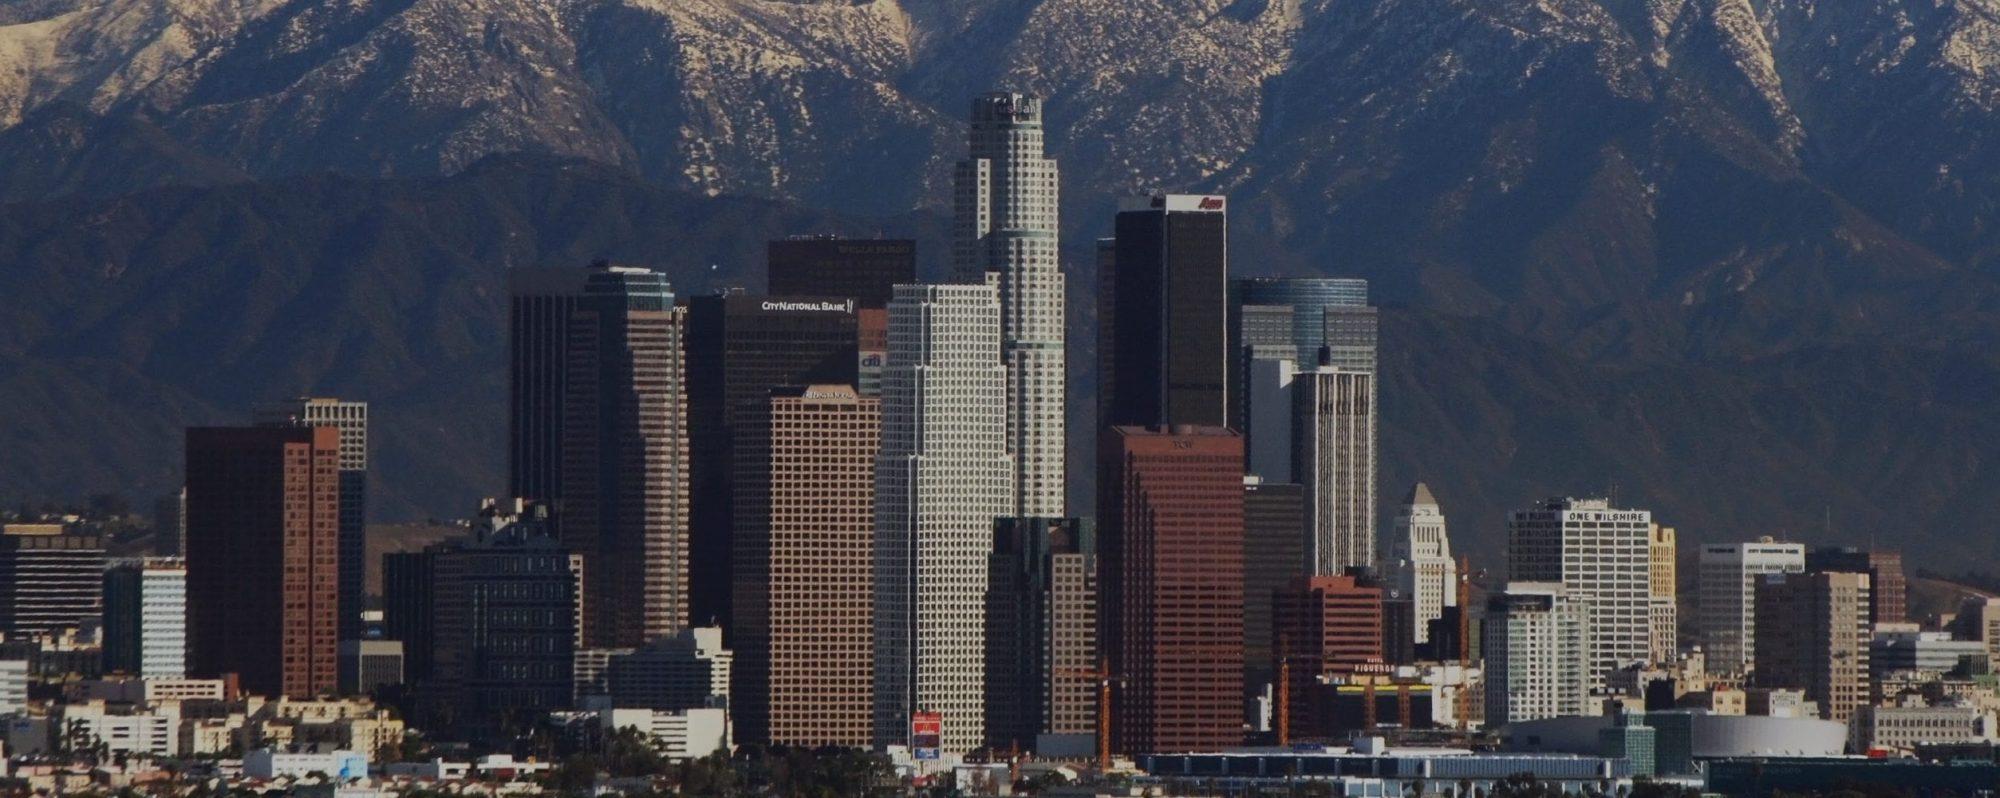 C3 Los Angeles | Sherman Oaks